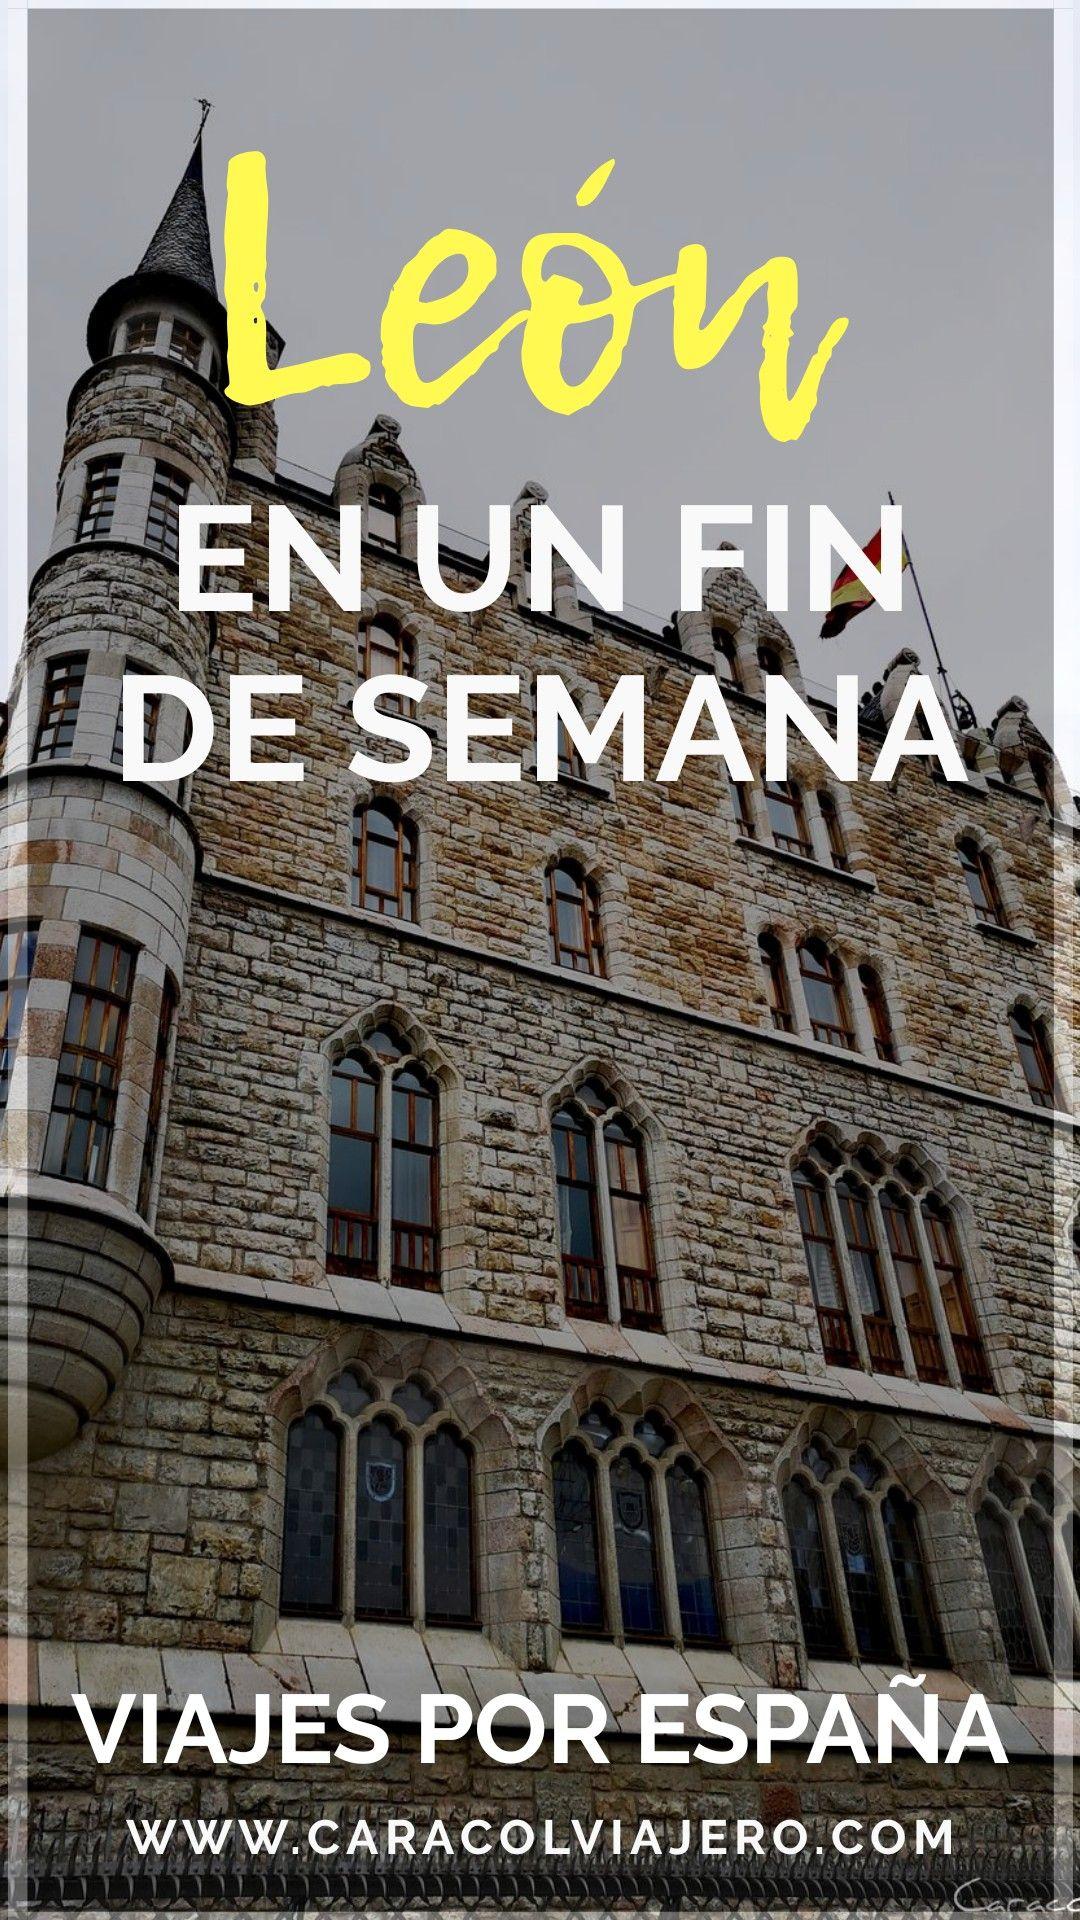 Que Visitar En Leon Plan De Fin De Semana Caracol Viajero Que Ver En Leon Asturias Turismo Pueblos De Espana